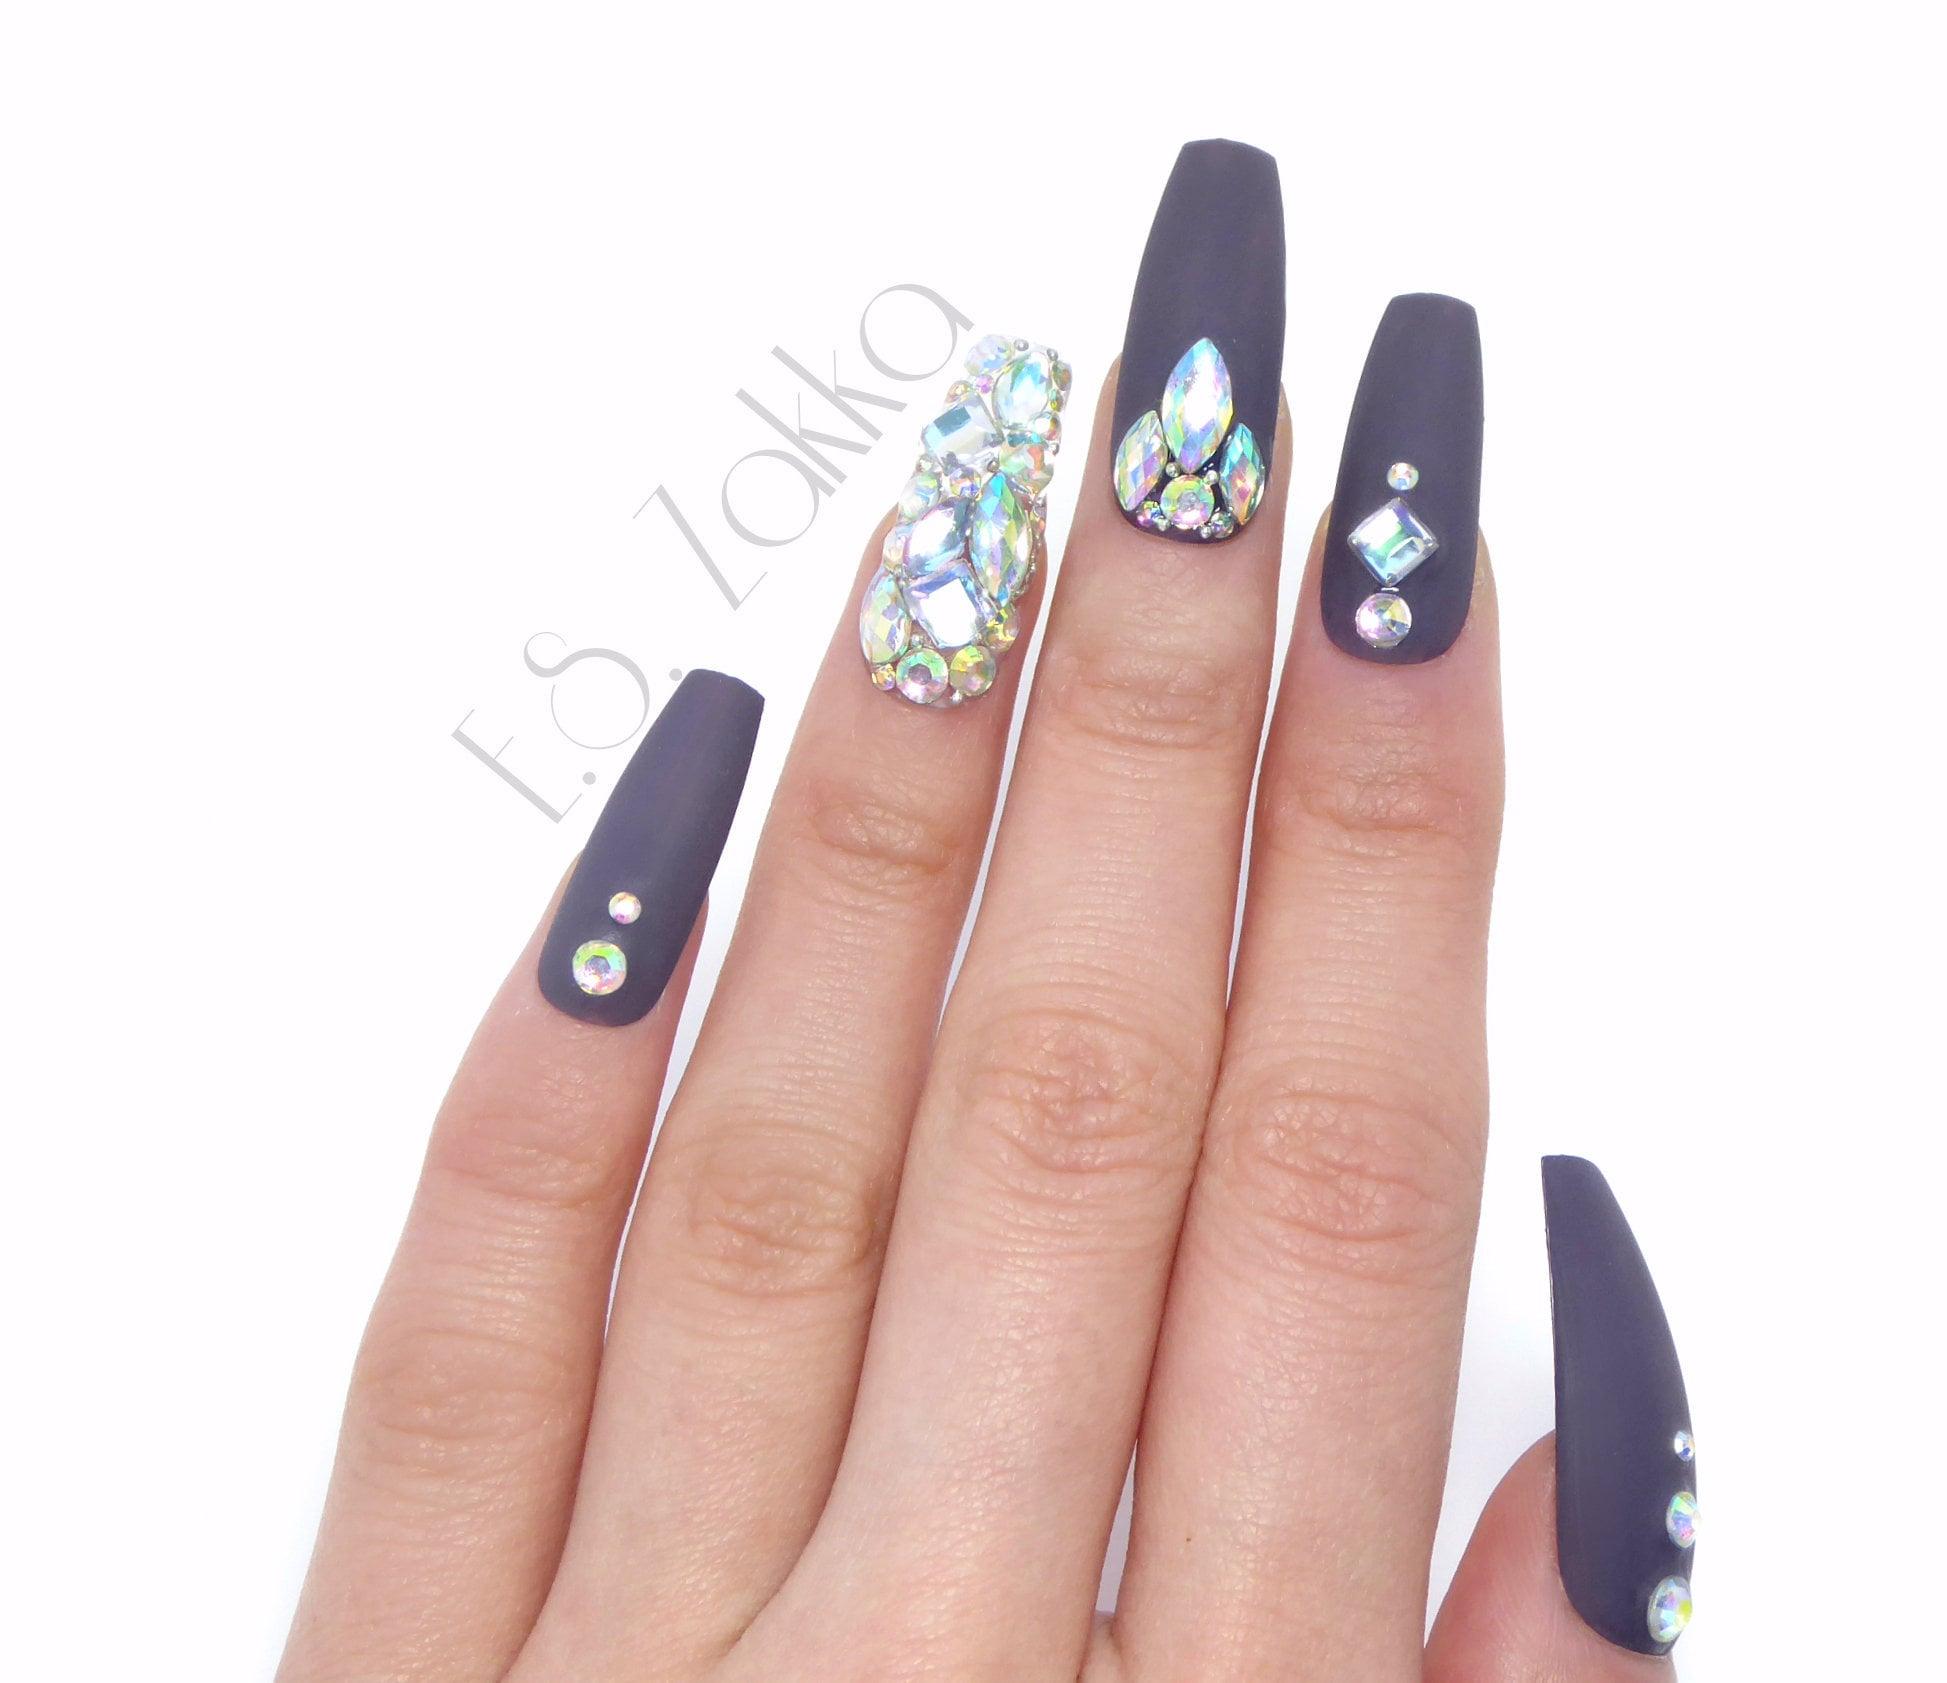 Raven Jewelry Nails / Fake nails, press on nails, nail art, gift ...